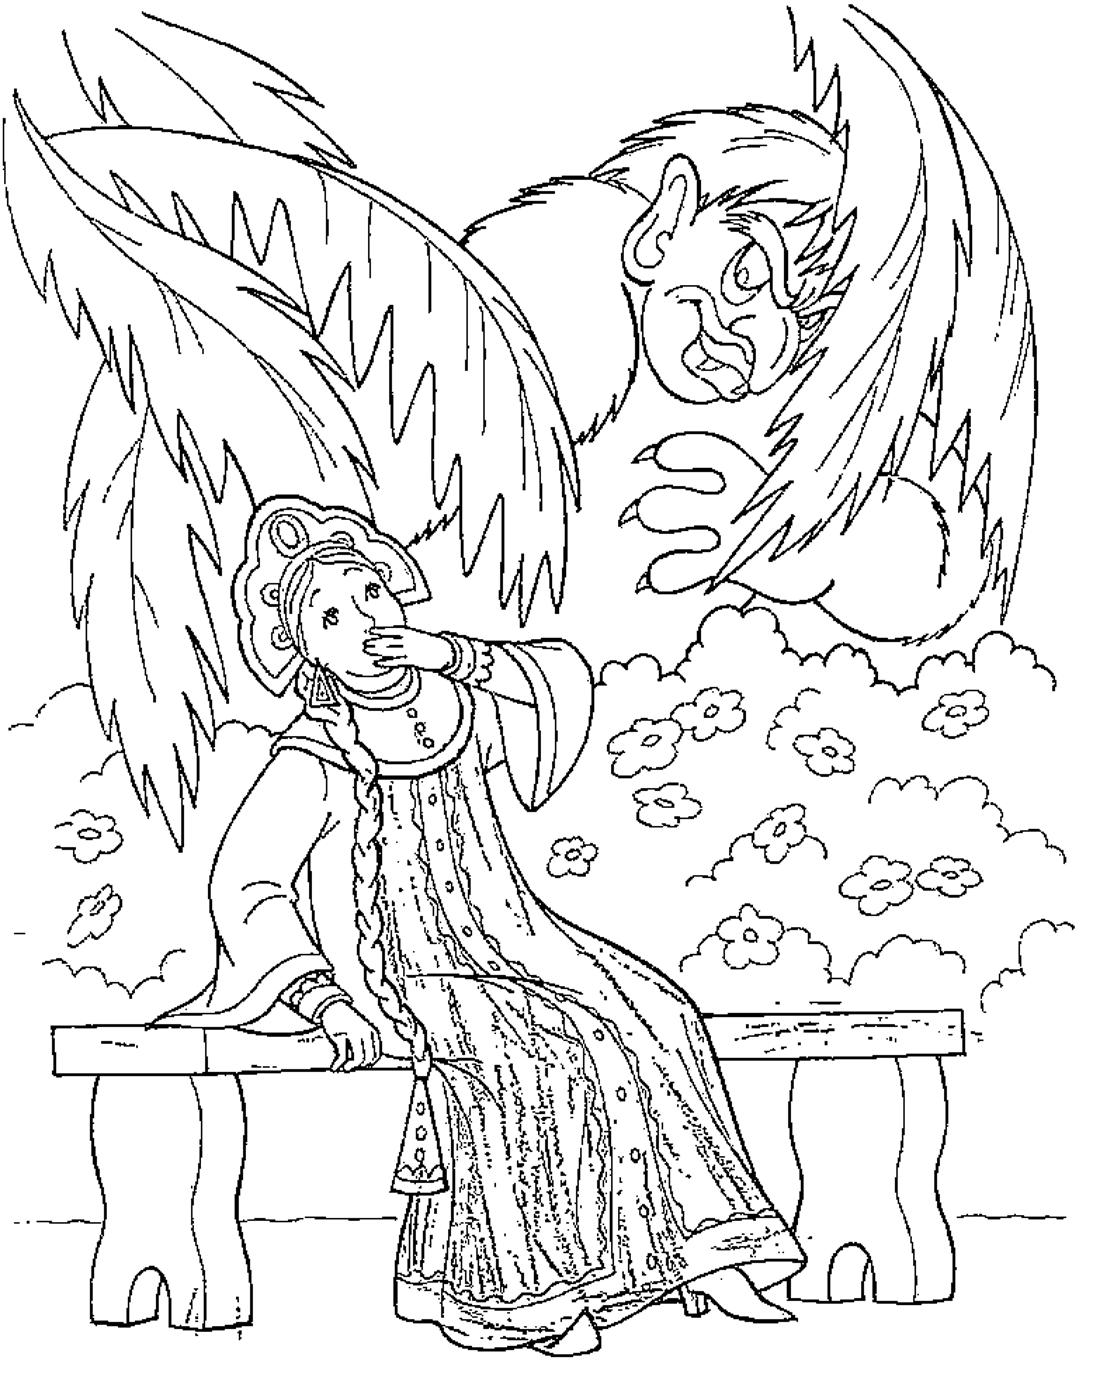 Чудовище и девушка - раскраска №566 | Printonic.ru